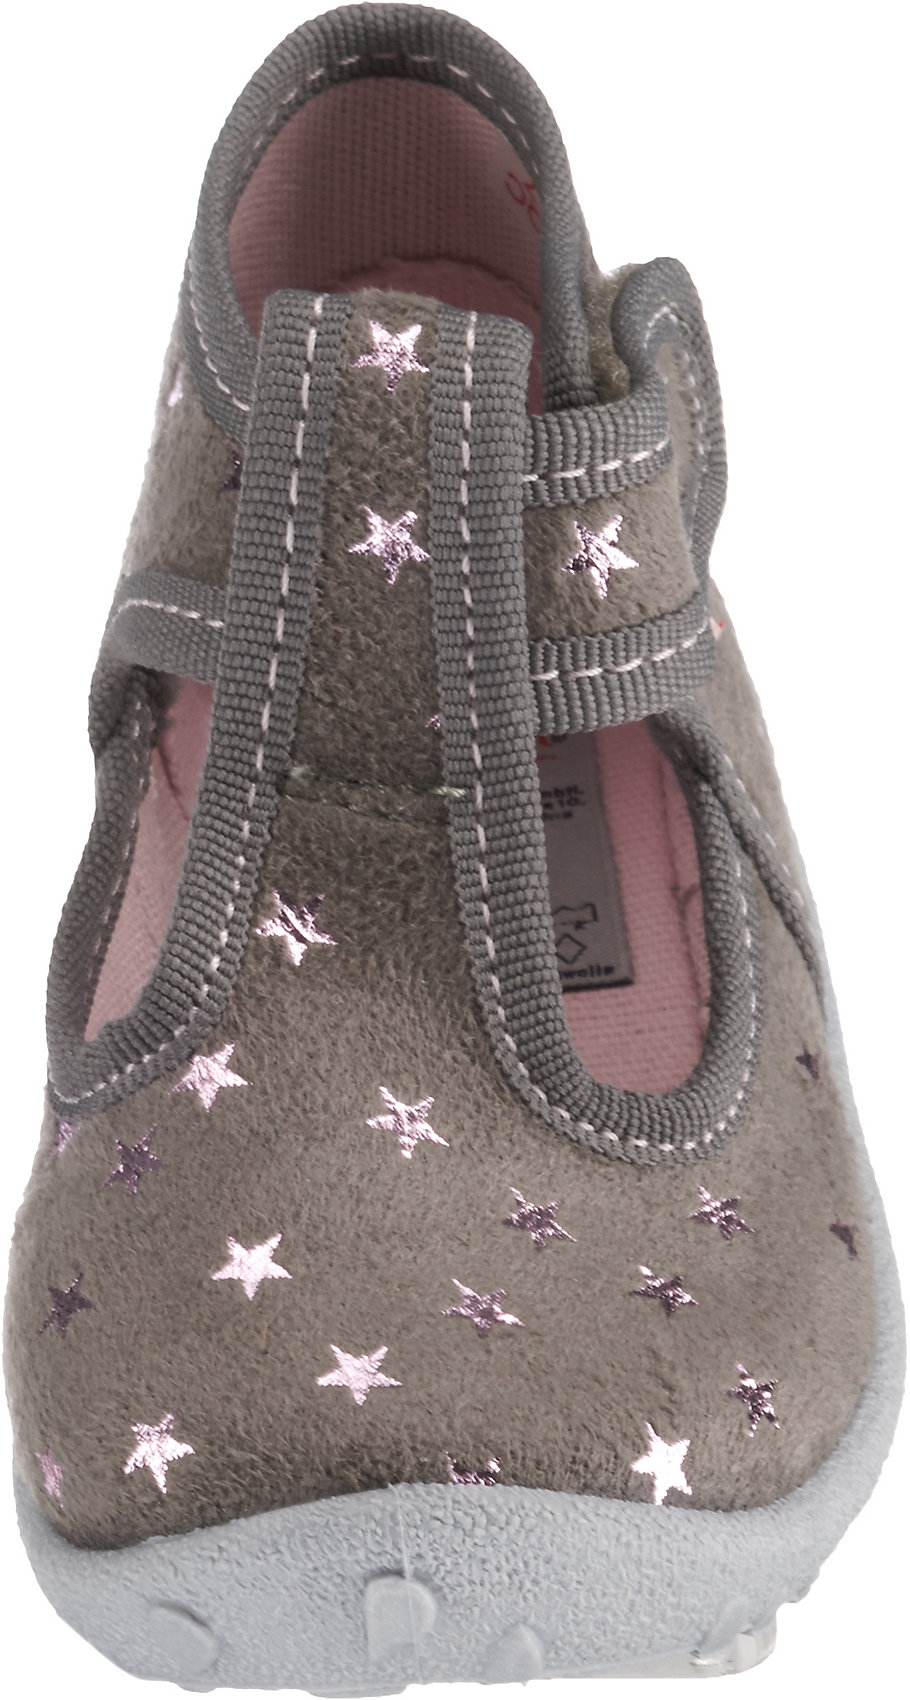 Stern 10819939 WMS-Weite M3 Neu superfit Baby Hausschuhe SPOTTY für Mädchen